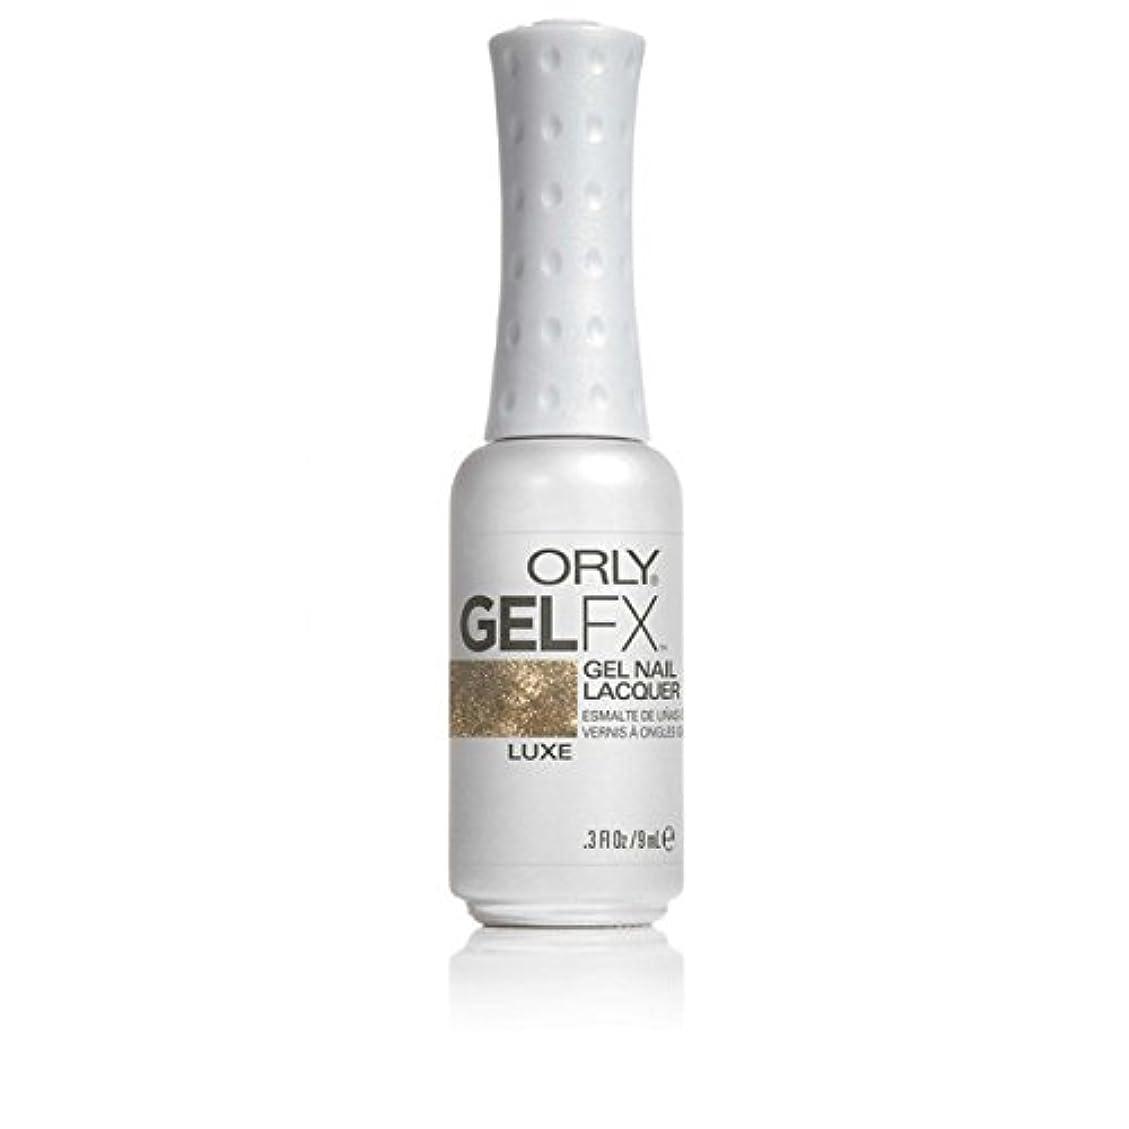 気絶させる羊飼い麻痺ORLY(オーリー)ジェルFXジェルネイルラッカー 9ml ラックス#30294